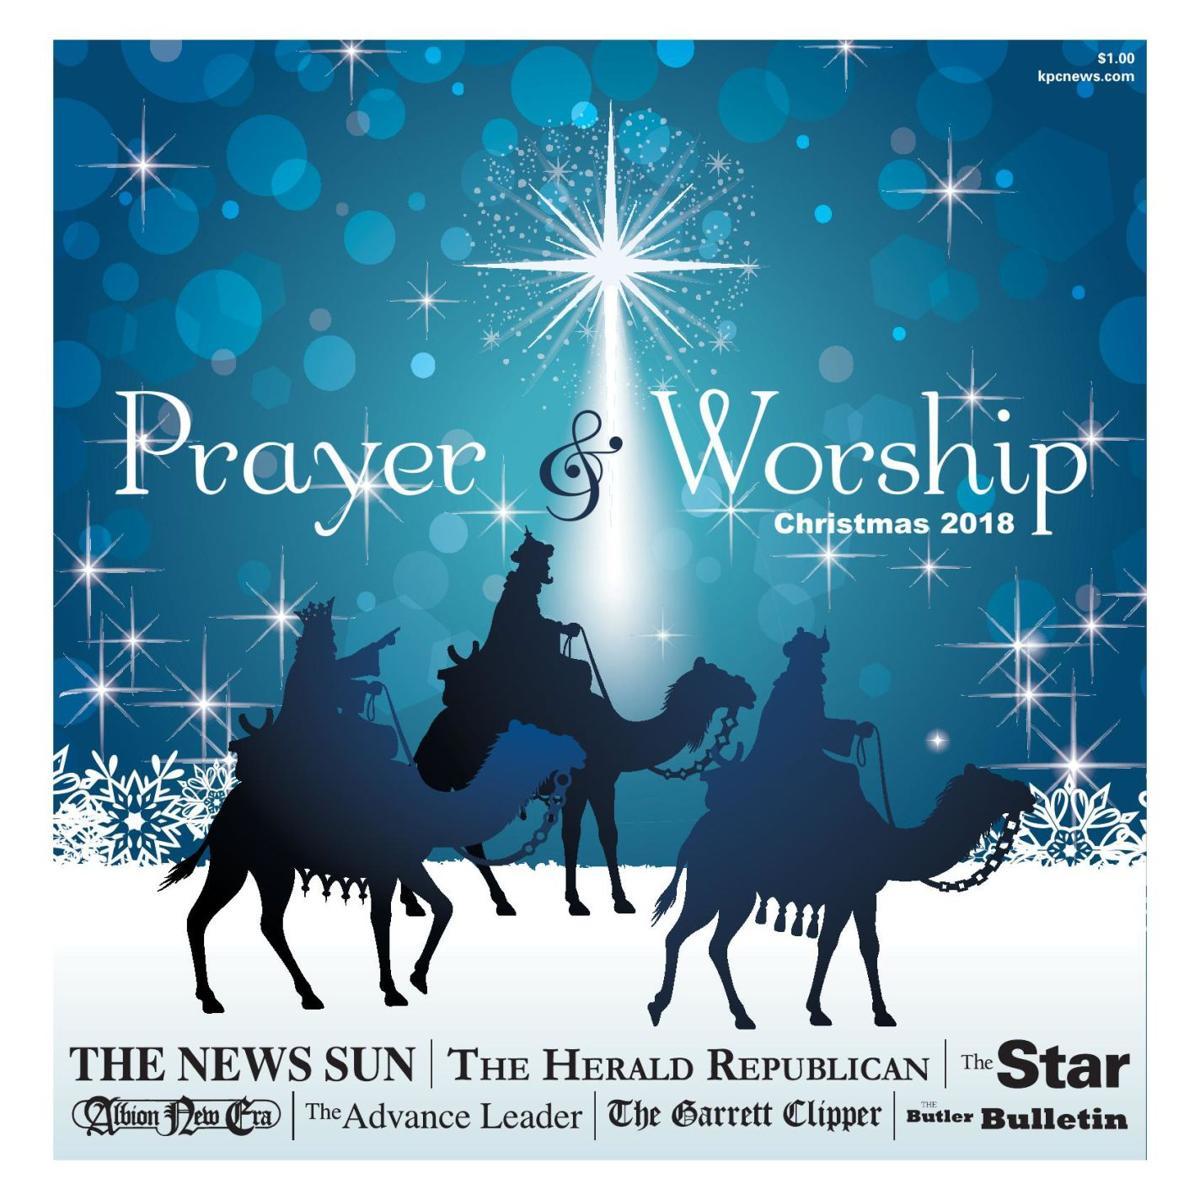 Prayer and Worship Christmas 2018